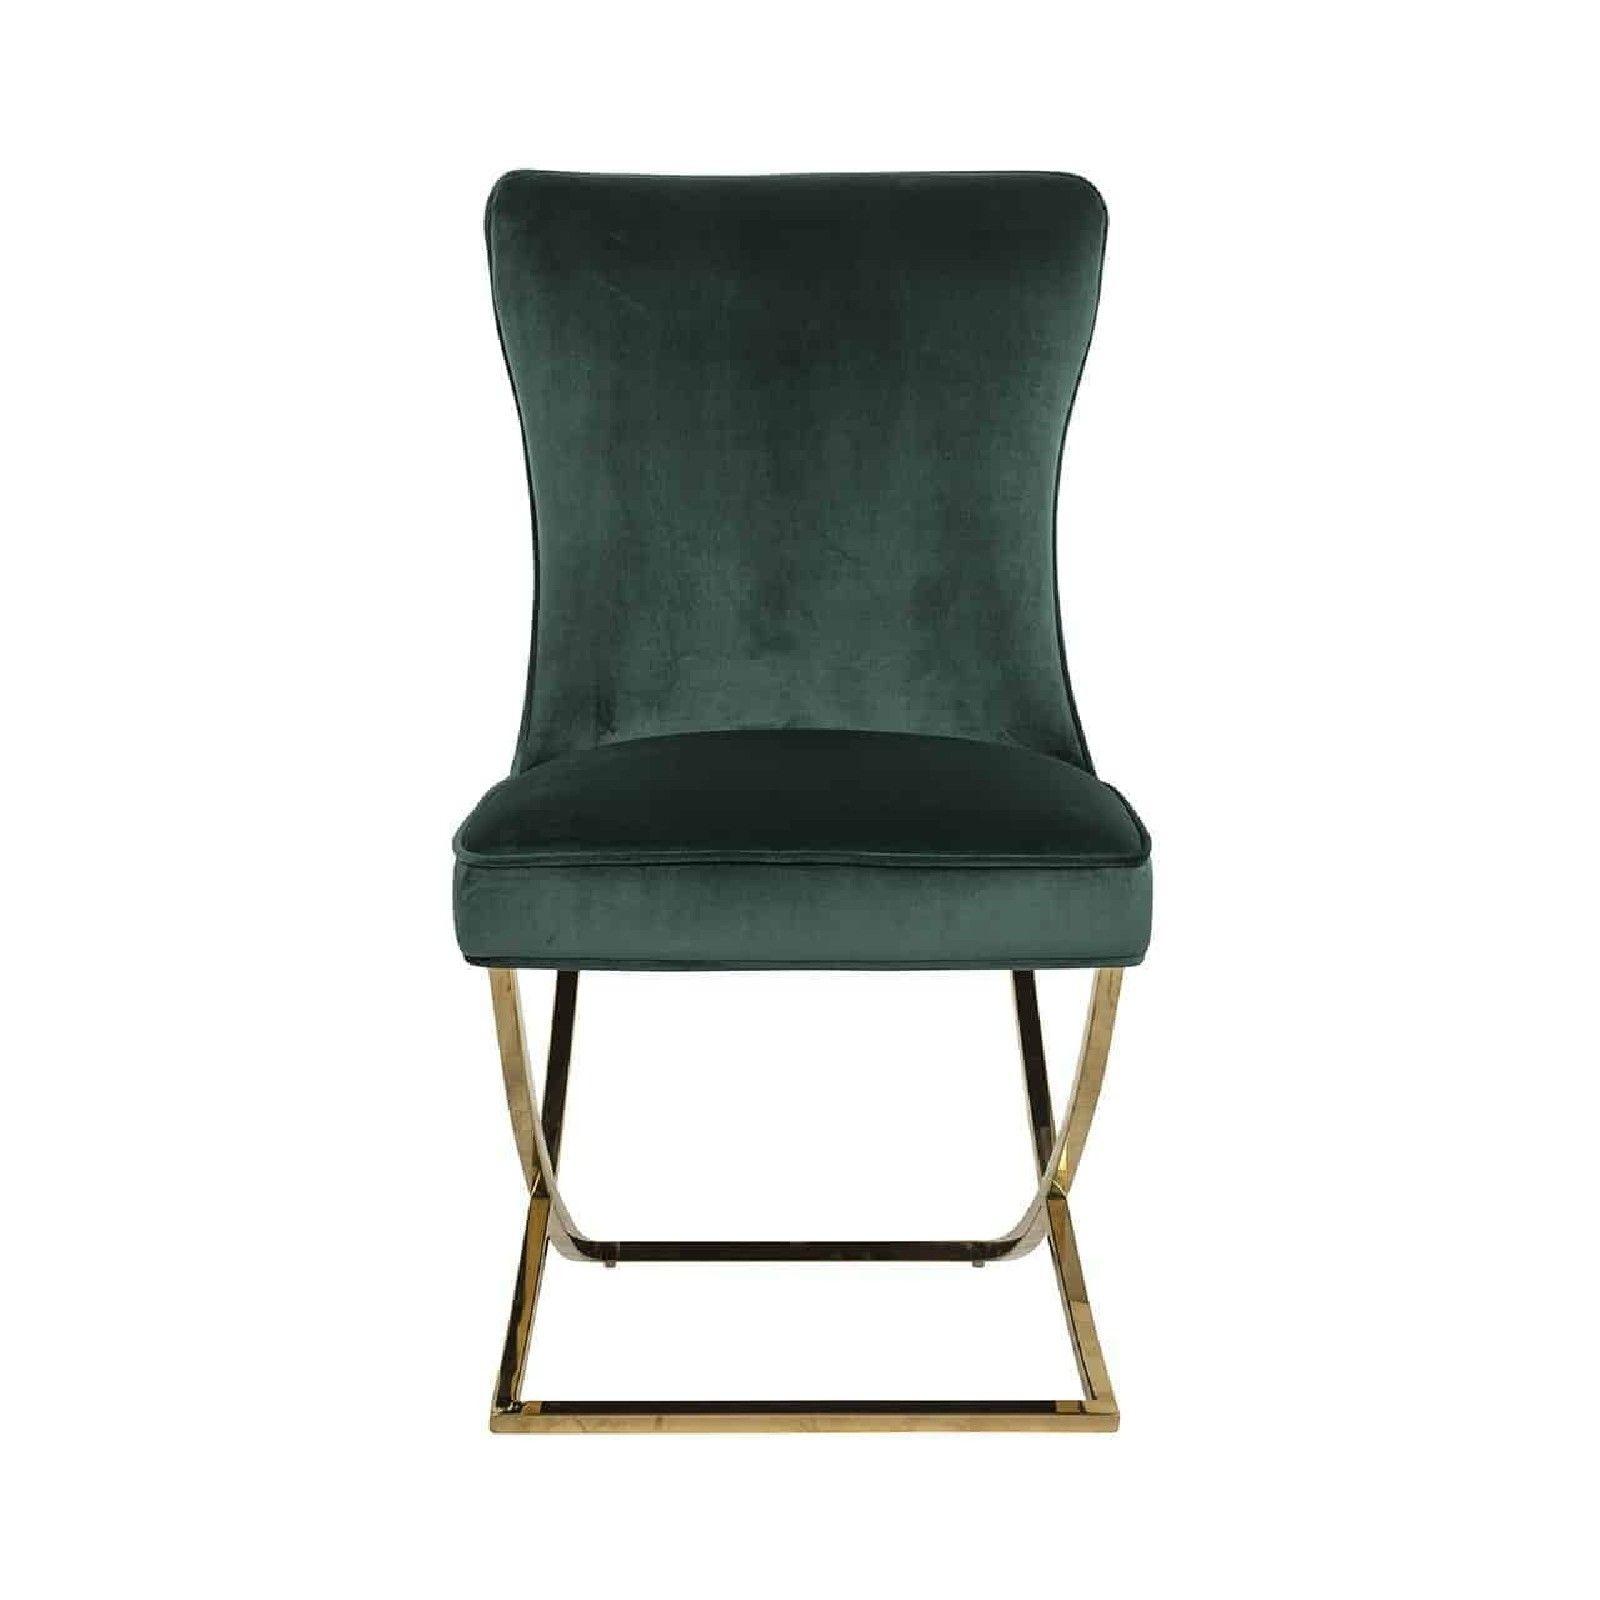 Chaise Chelsea Green velvet / gold Salle à manger - 175